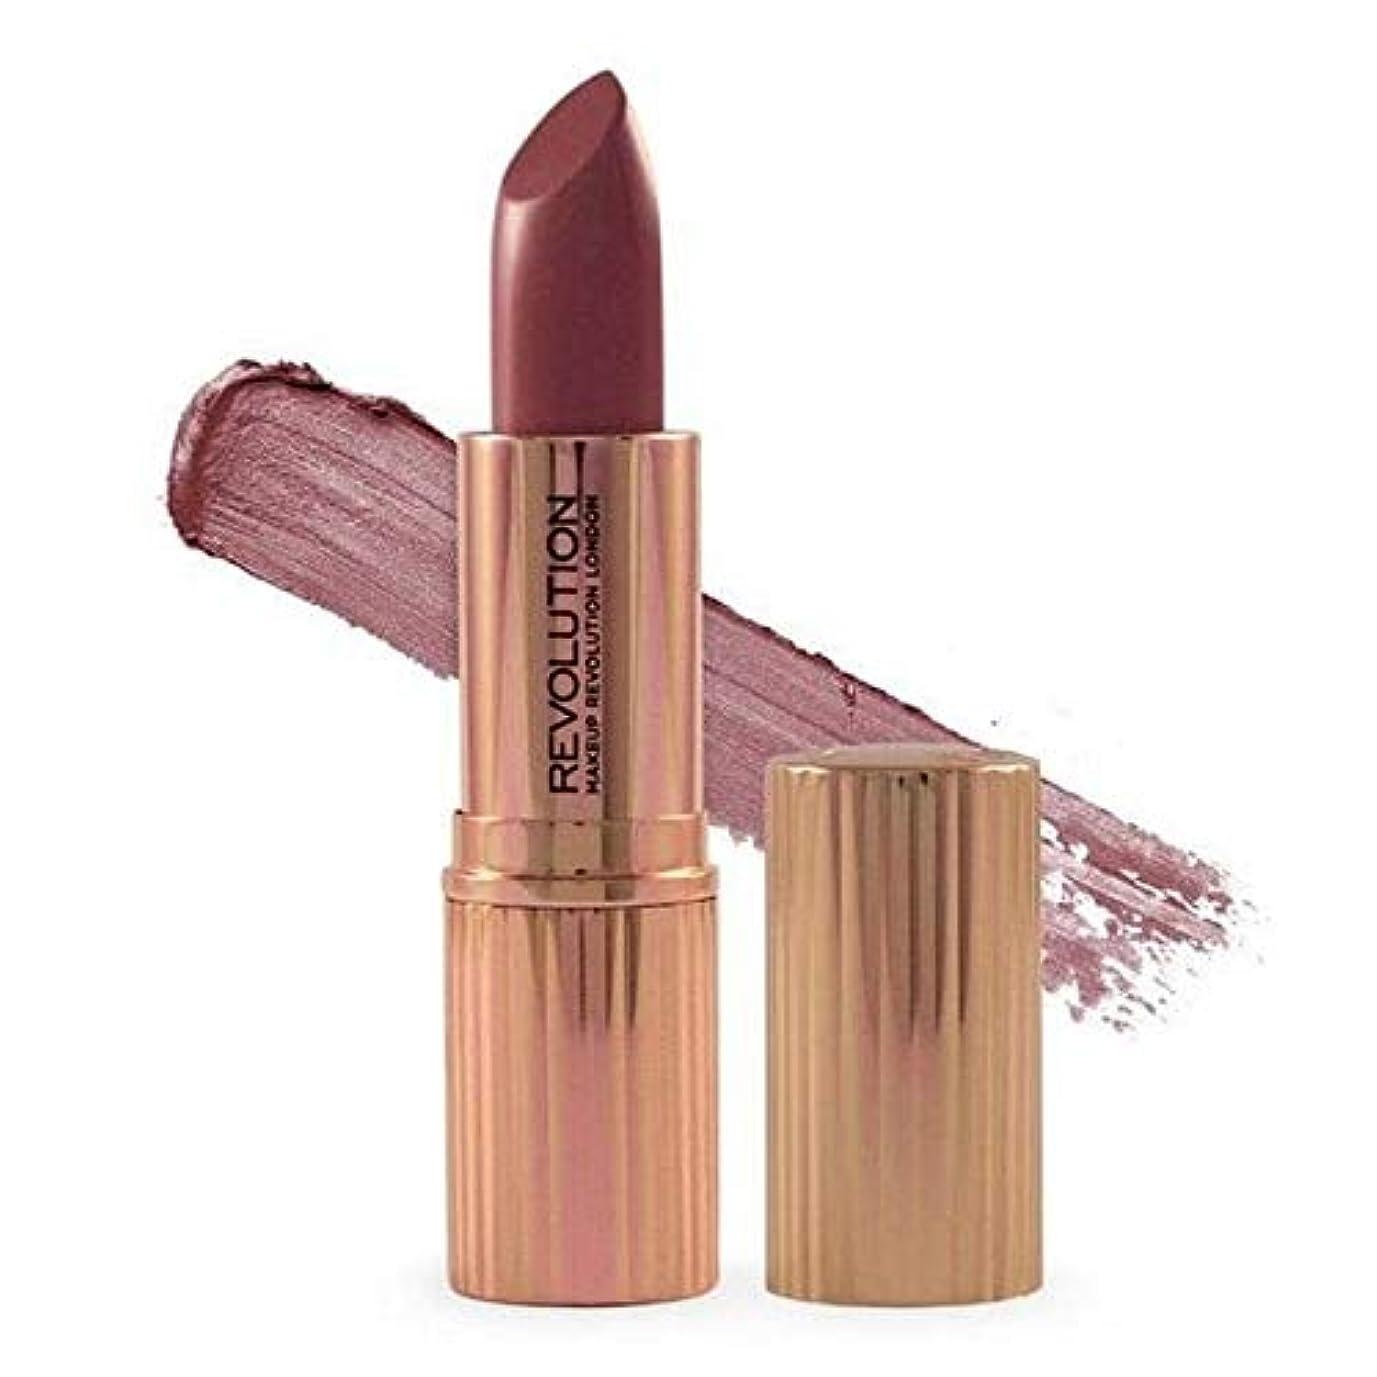 パステルトマトキャンドル[Revolution ] 革命のルネサンス口紅更新 - Revolution Renaissance Lipstick Renew [並行輸入品]